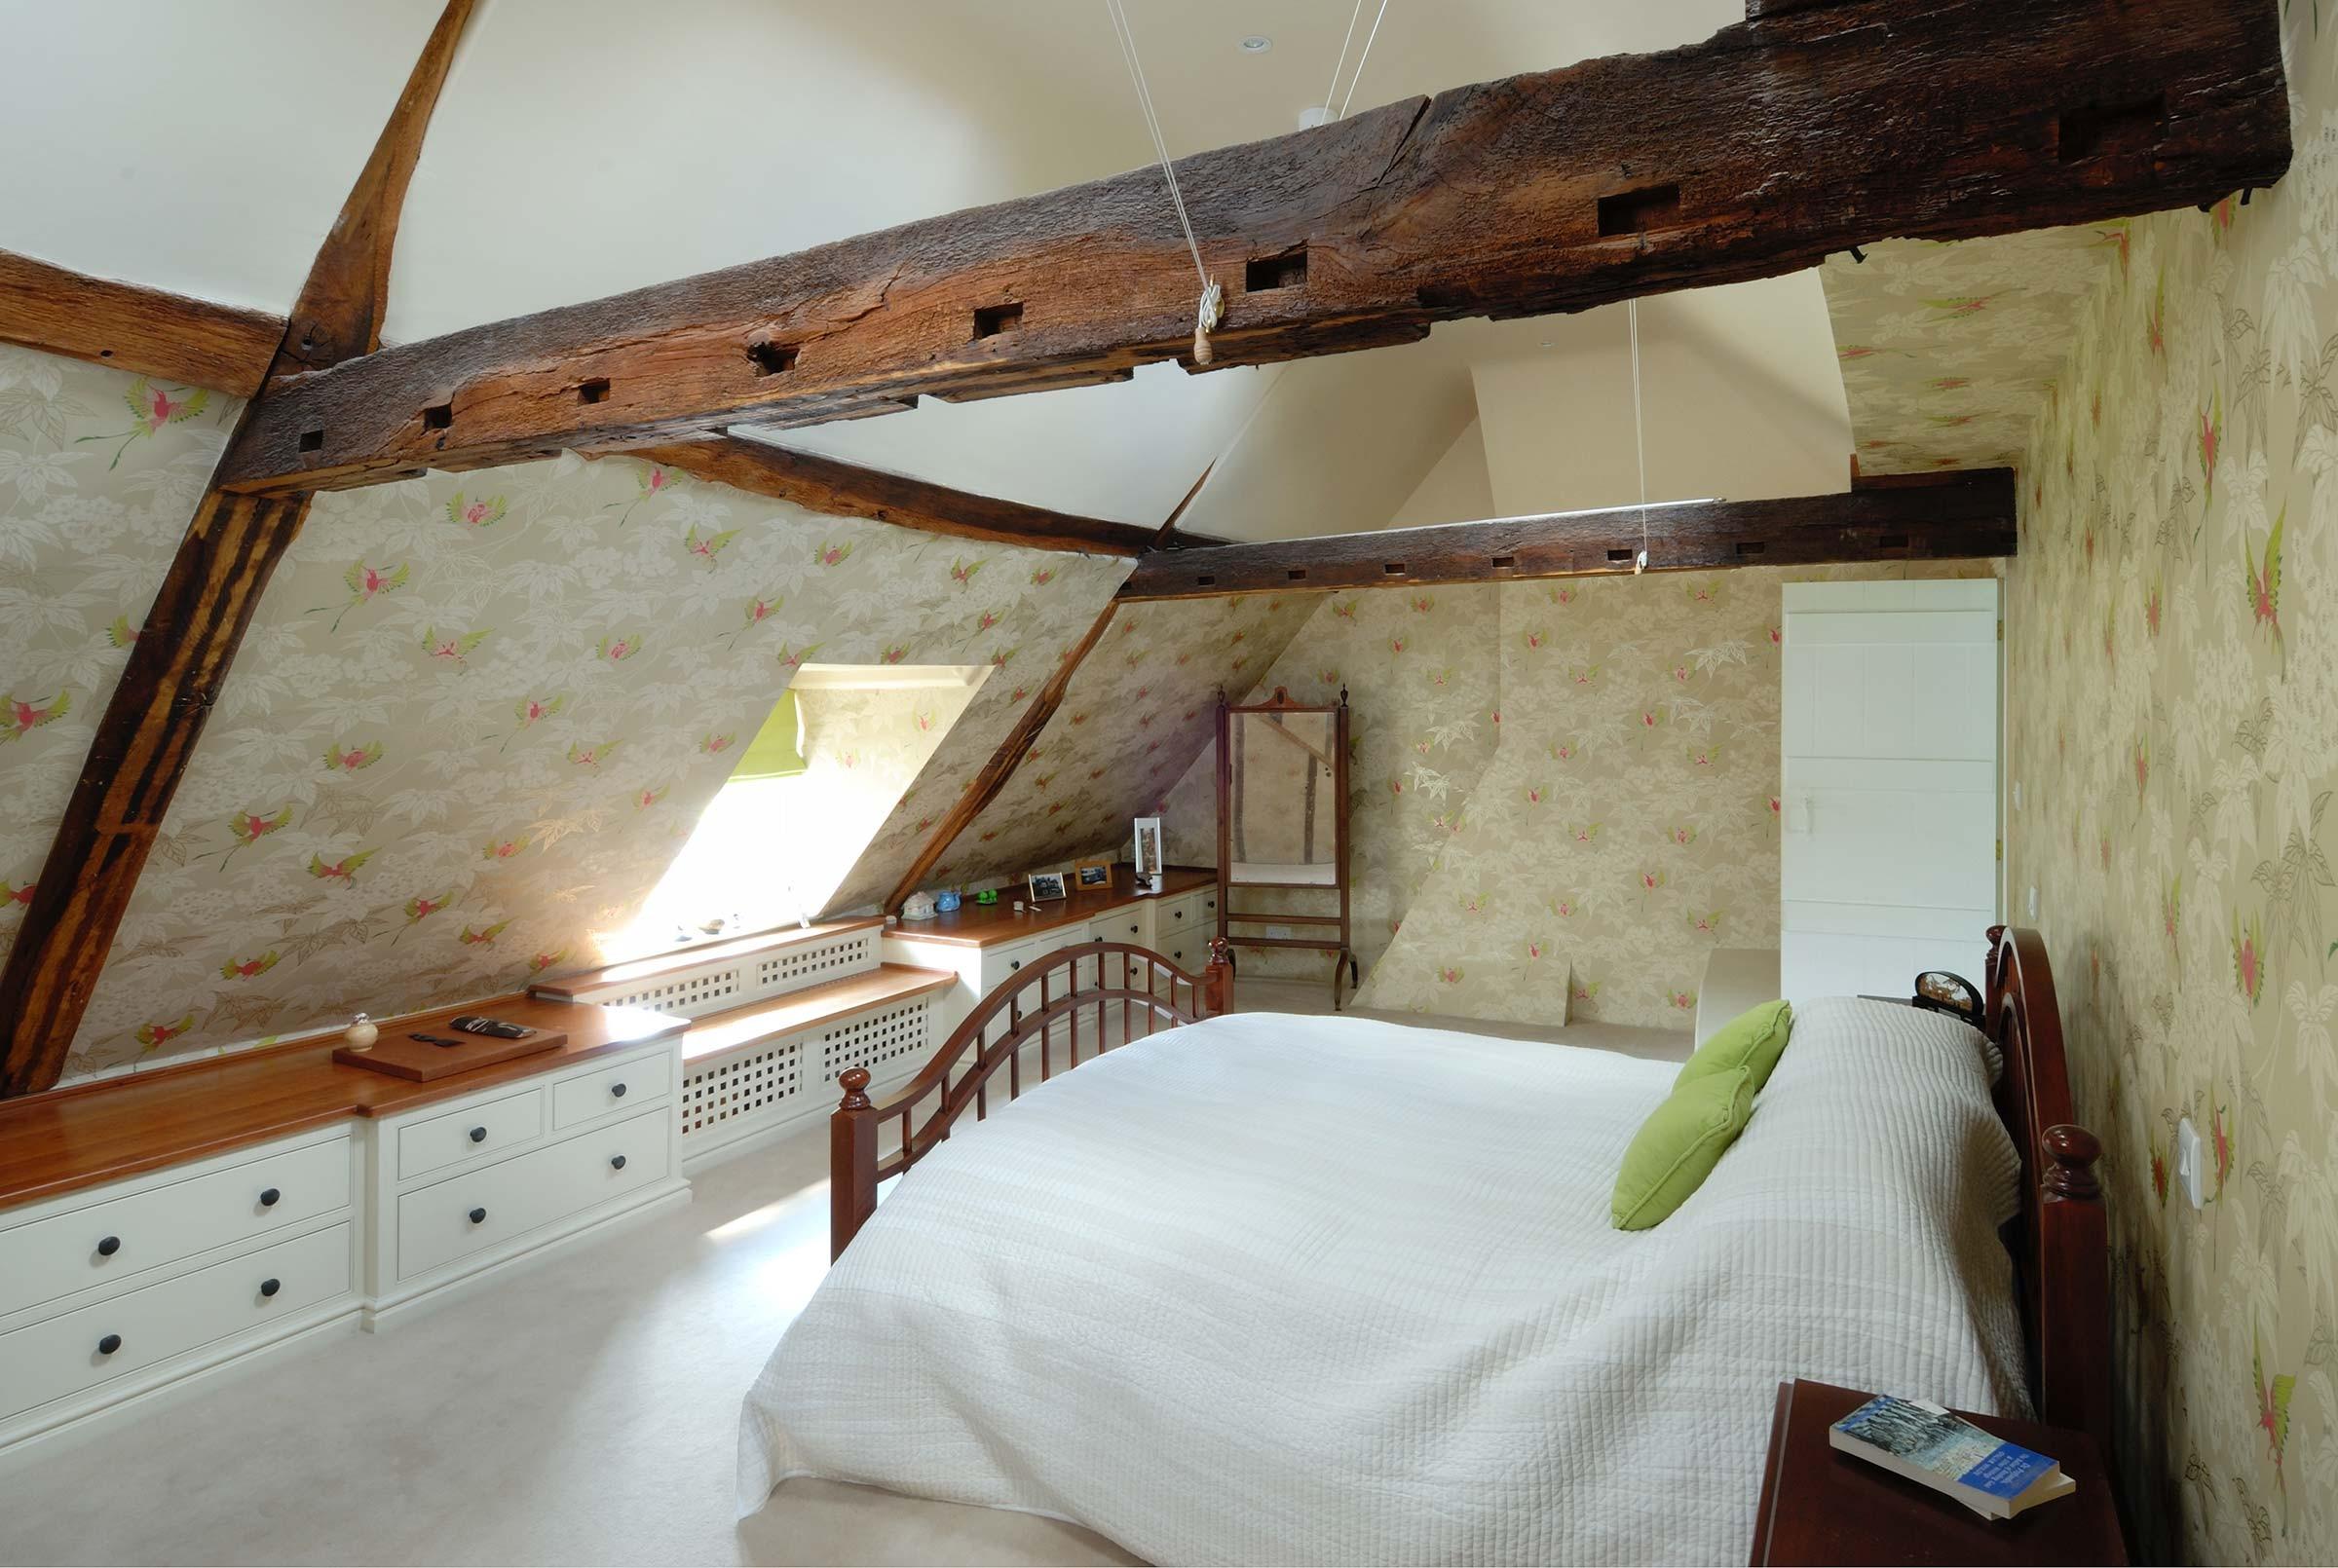 Victorian farm refurbishment interior, Hampshire